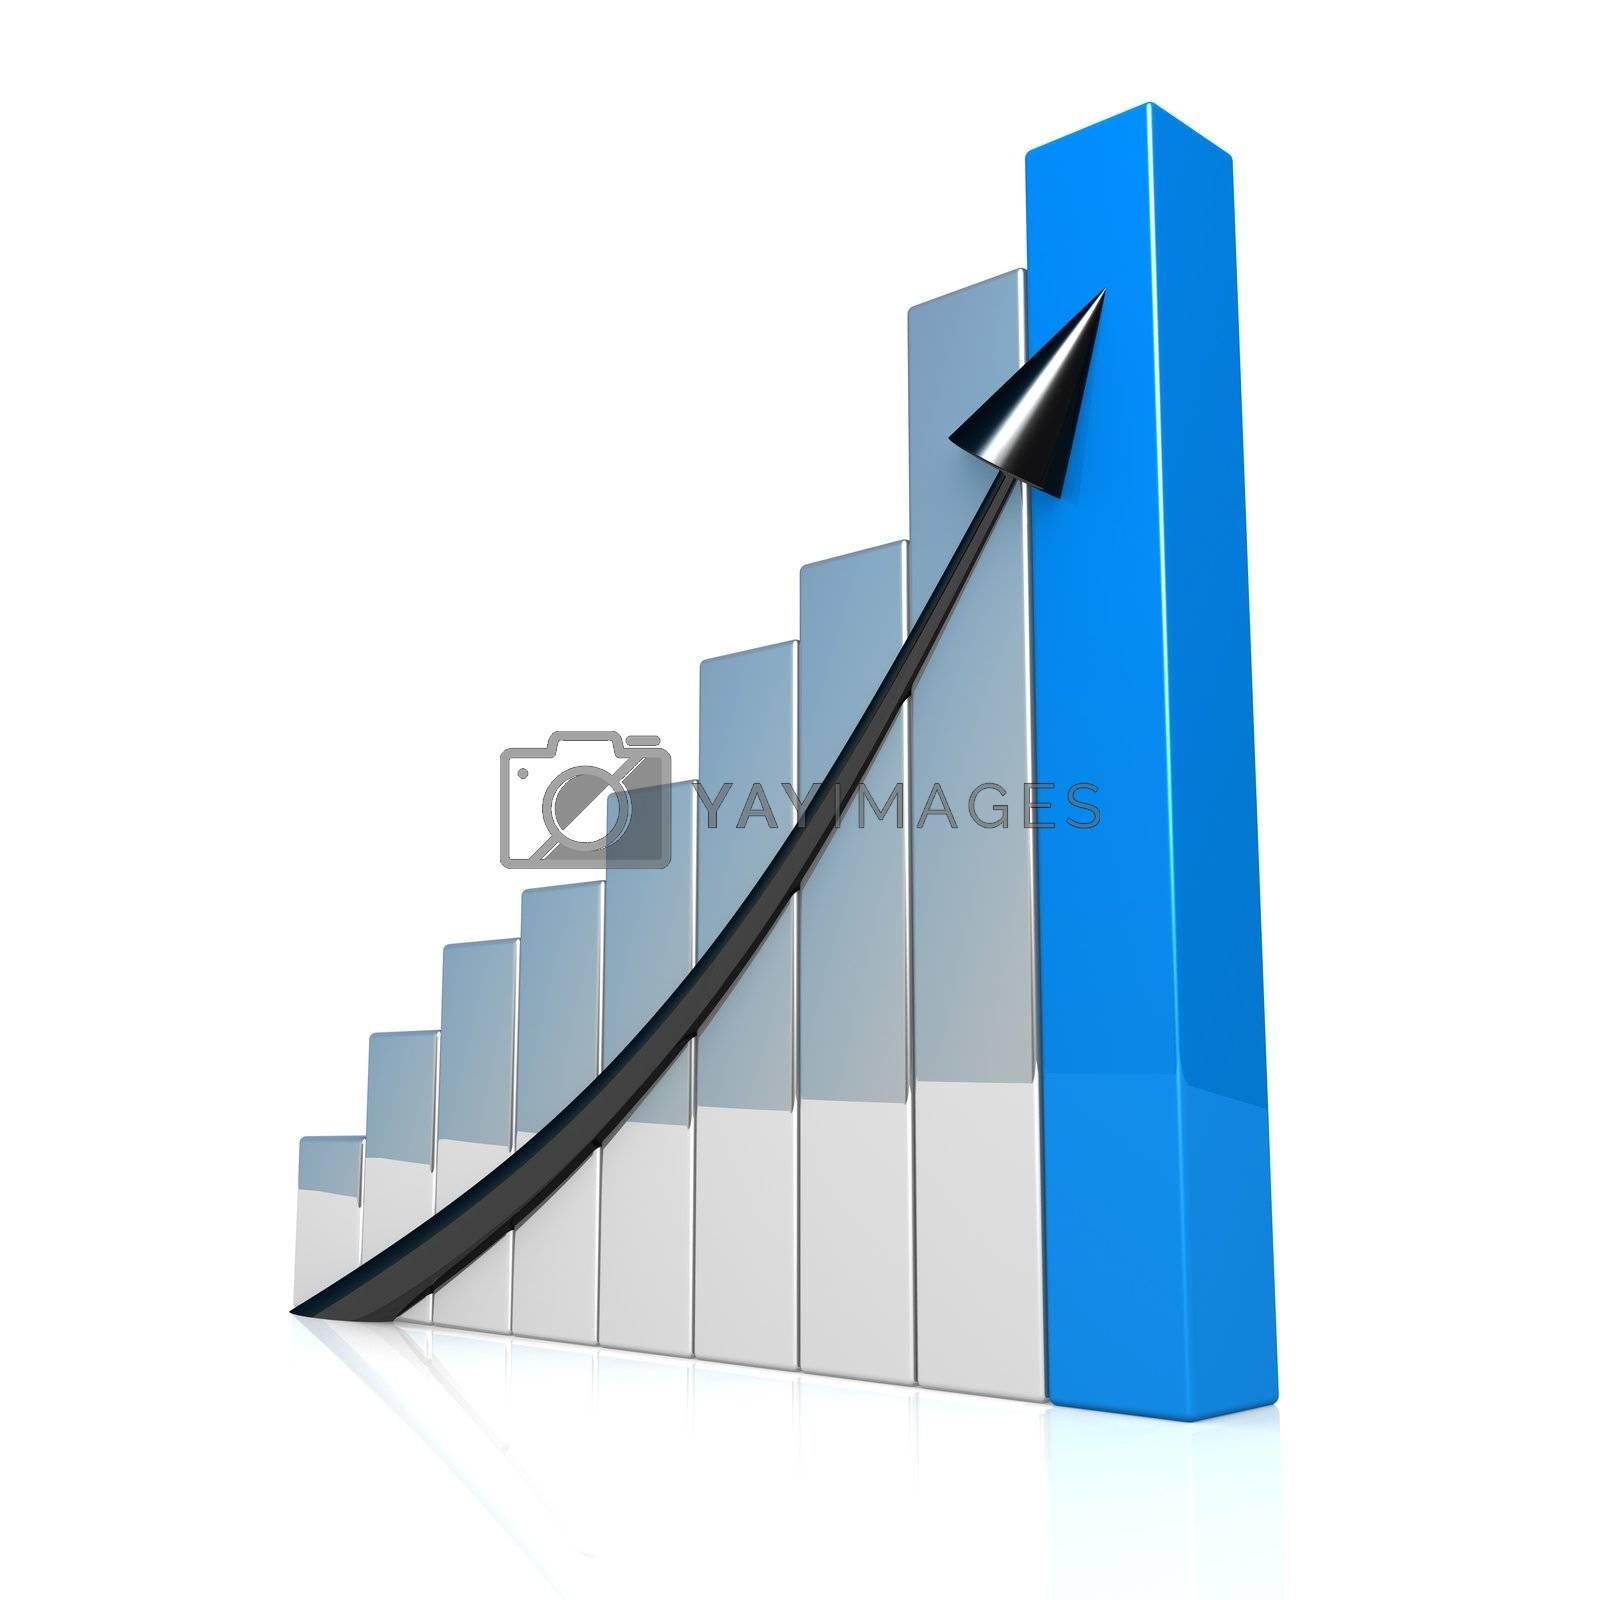 Graph by 3pod